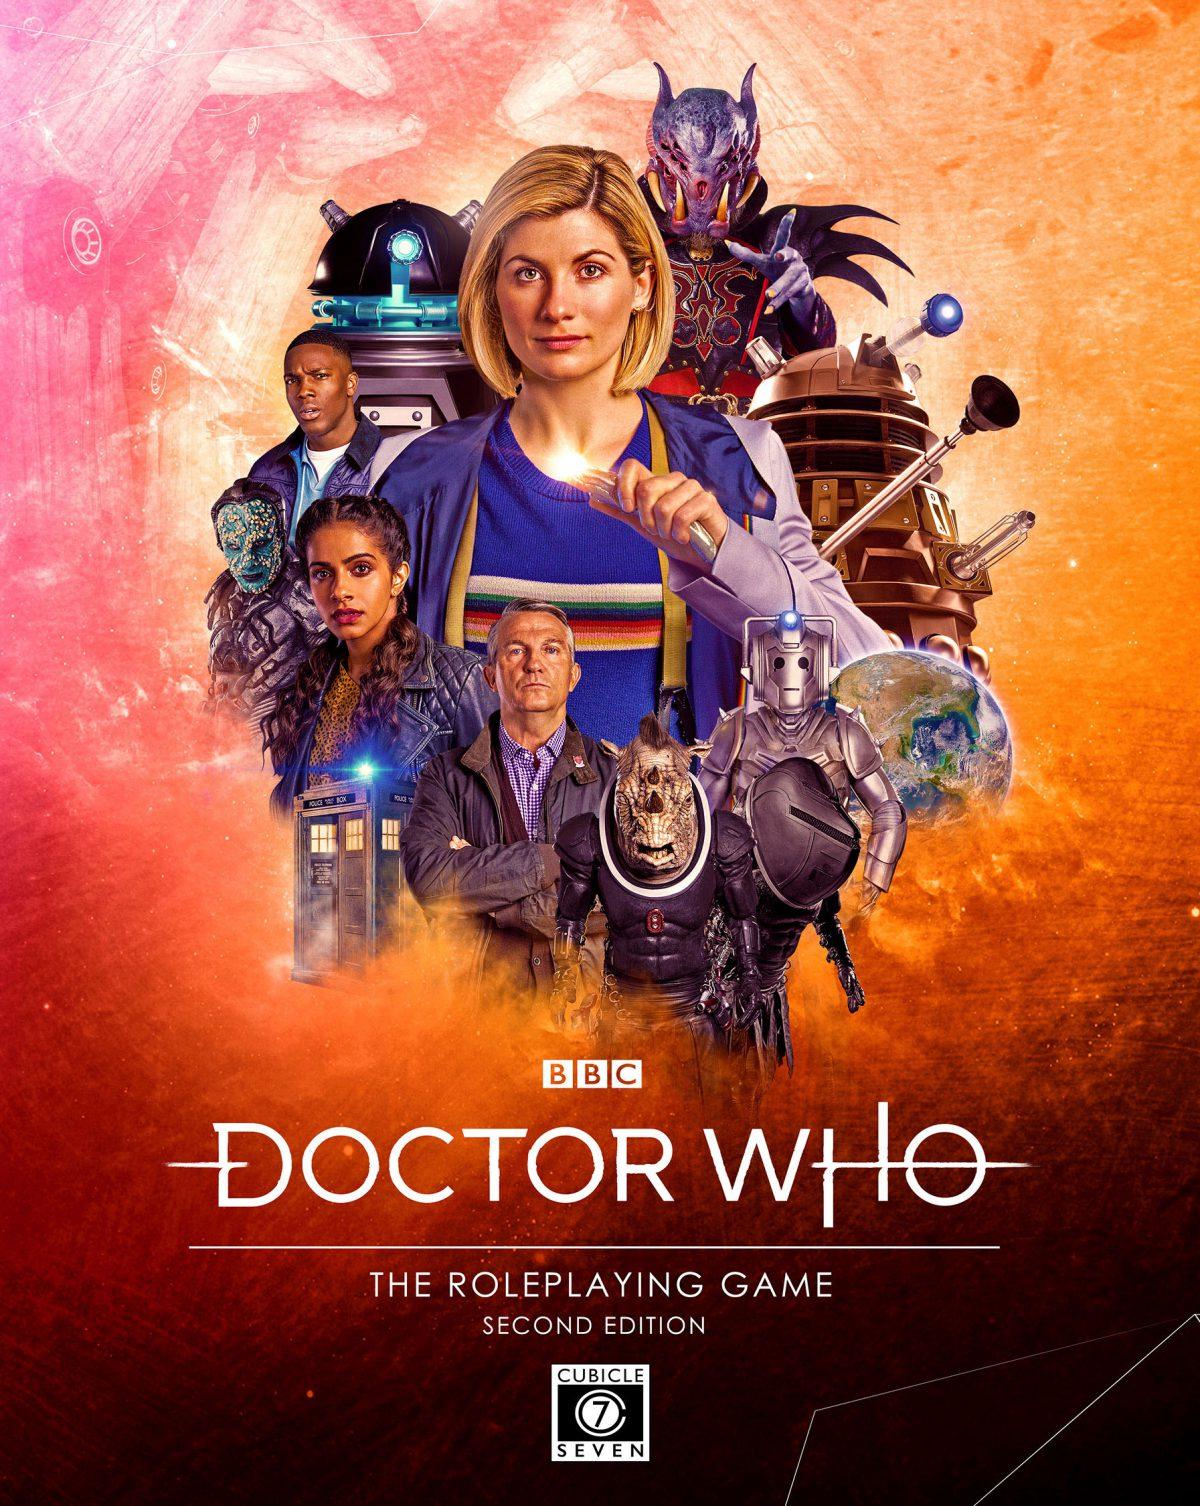 CB71104_Doctor-Who-2E-Revised-SMALLER-1200x1506.jpg